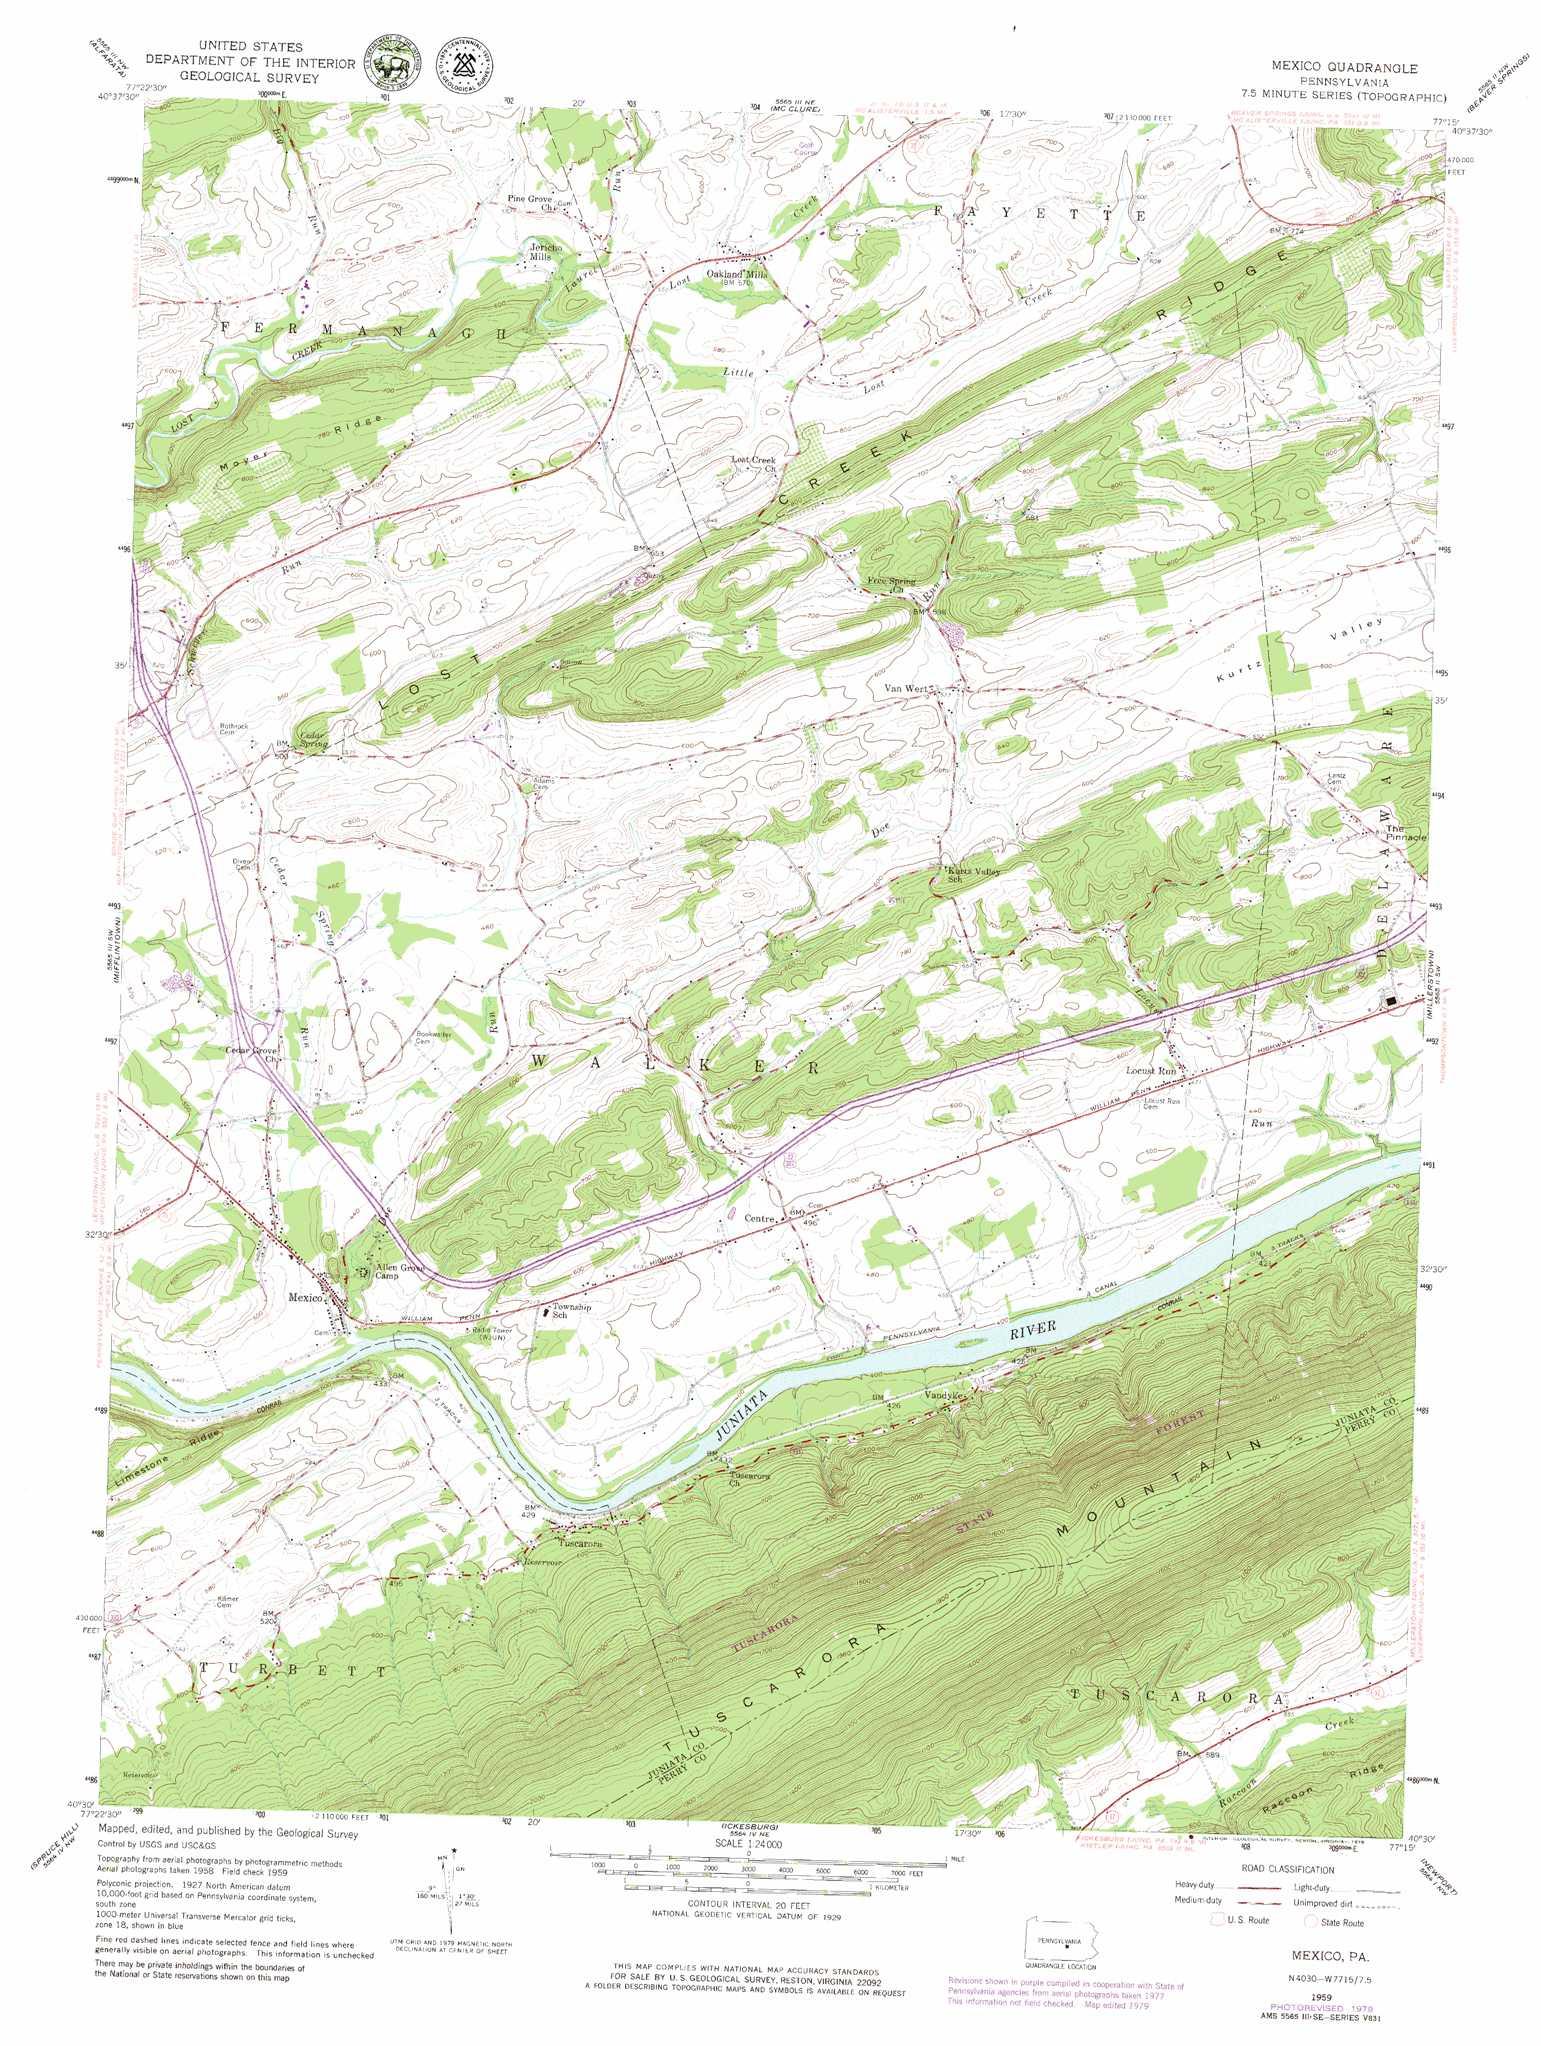 Mexico topographic map, PA - USGS Topo Quad 40077e3